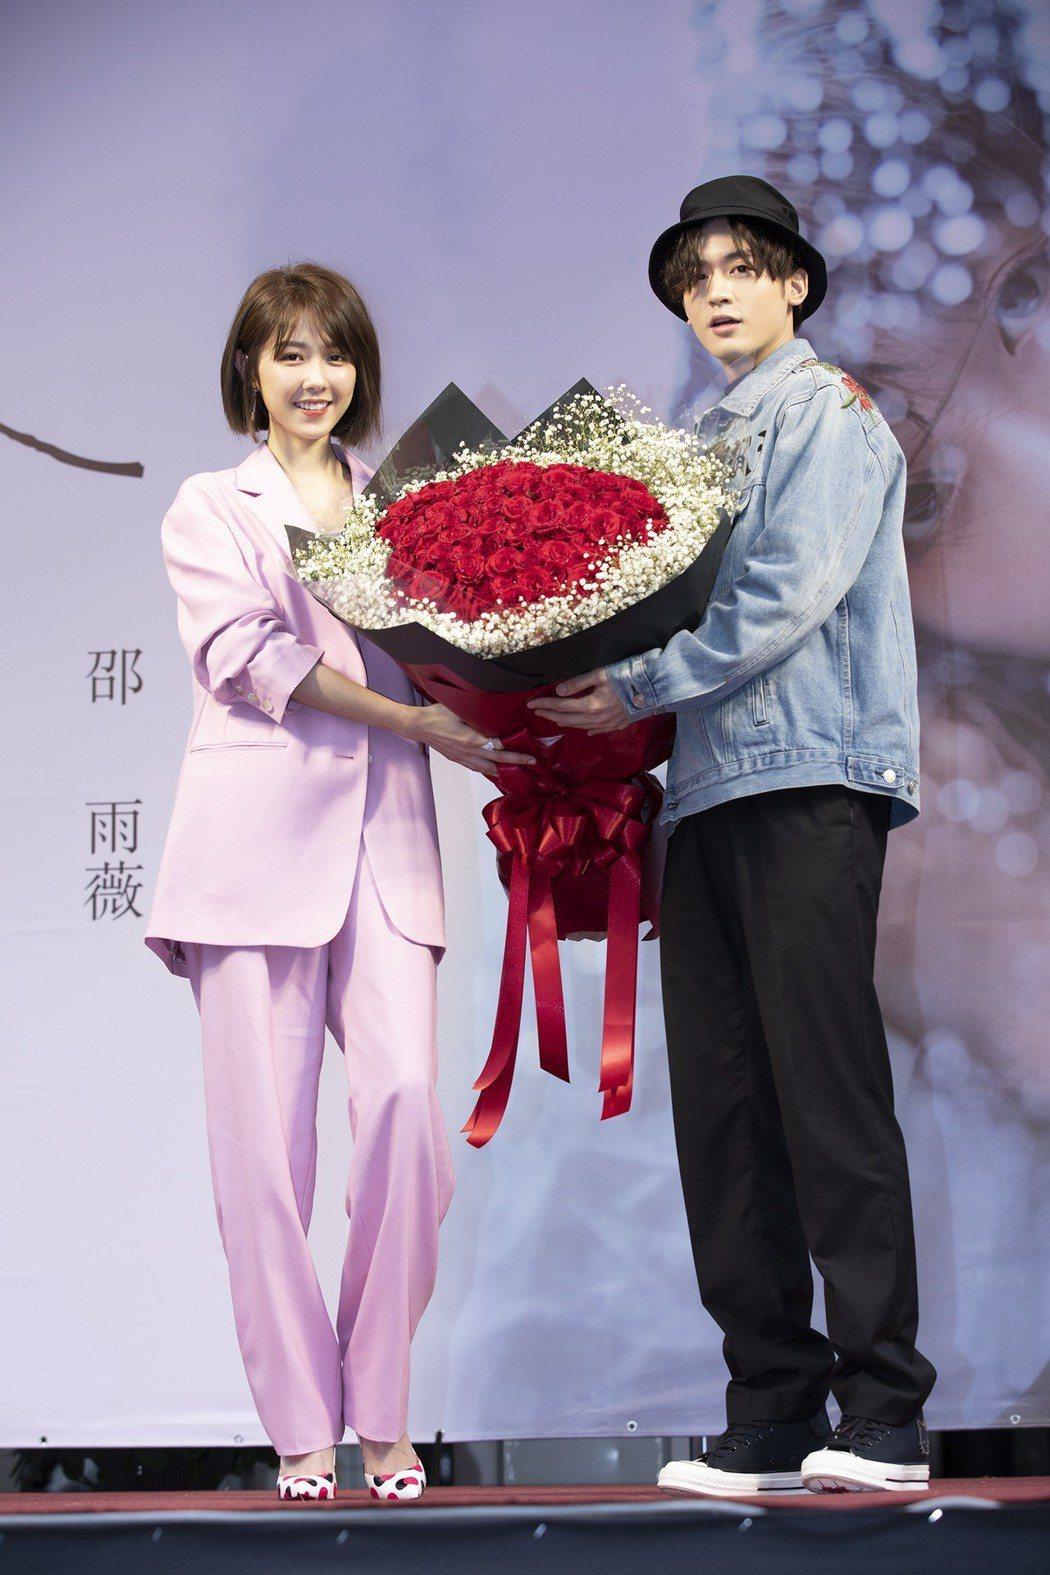 小樂(右)送上玫瑰花束祝福邵雨薇。圖/寬宏提供